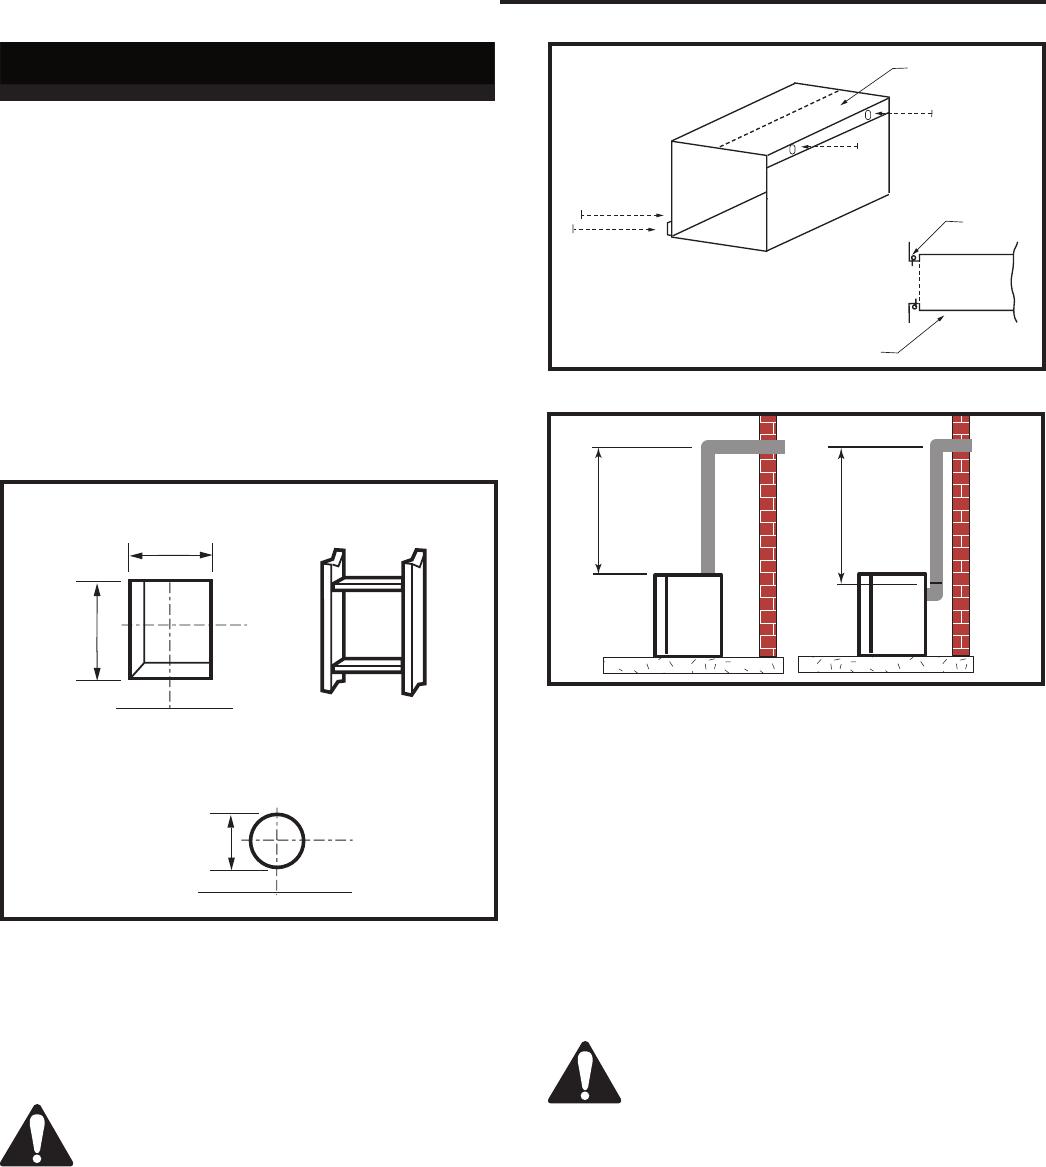 Wiring diagram creator online wynnworldsme brinks safe 5054 pedrollo pump wiring diagram wynnworldsme kenmore washer model 110 asset 12 pedrollo pump wiring diagram wynnworldsmehtml cheapraybanclubmaster Gallery